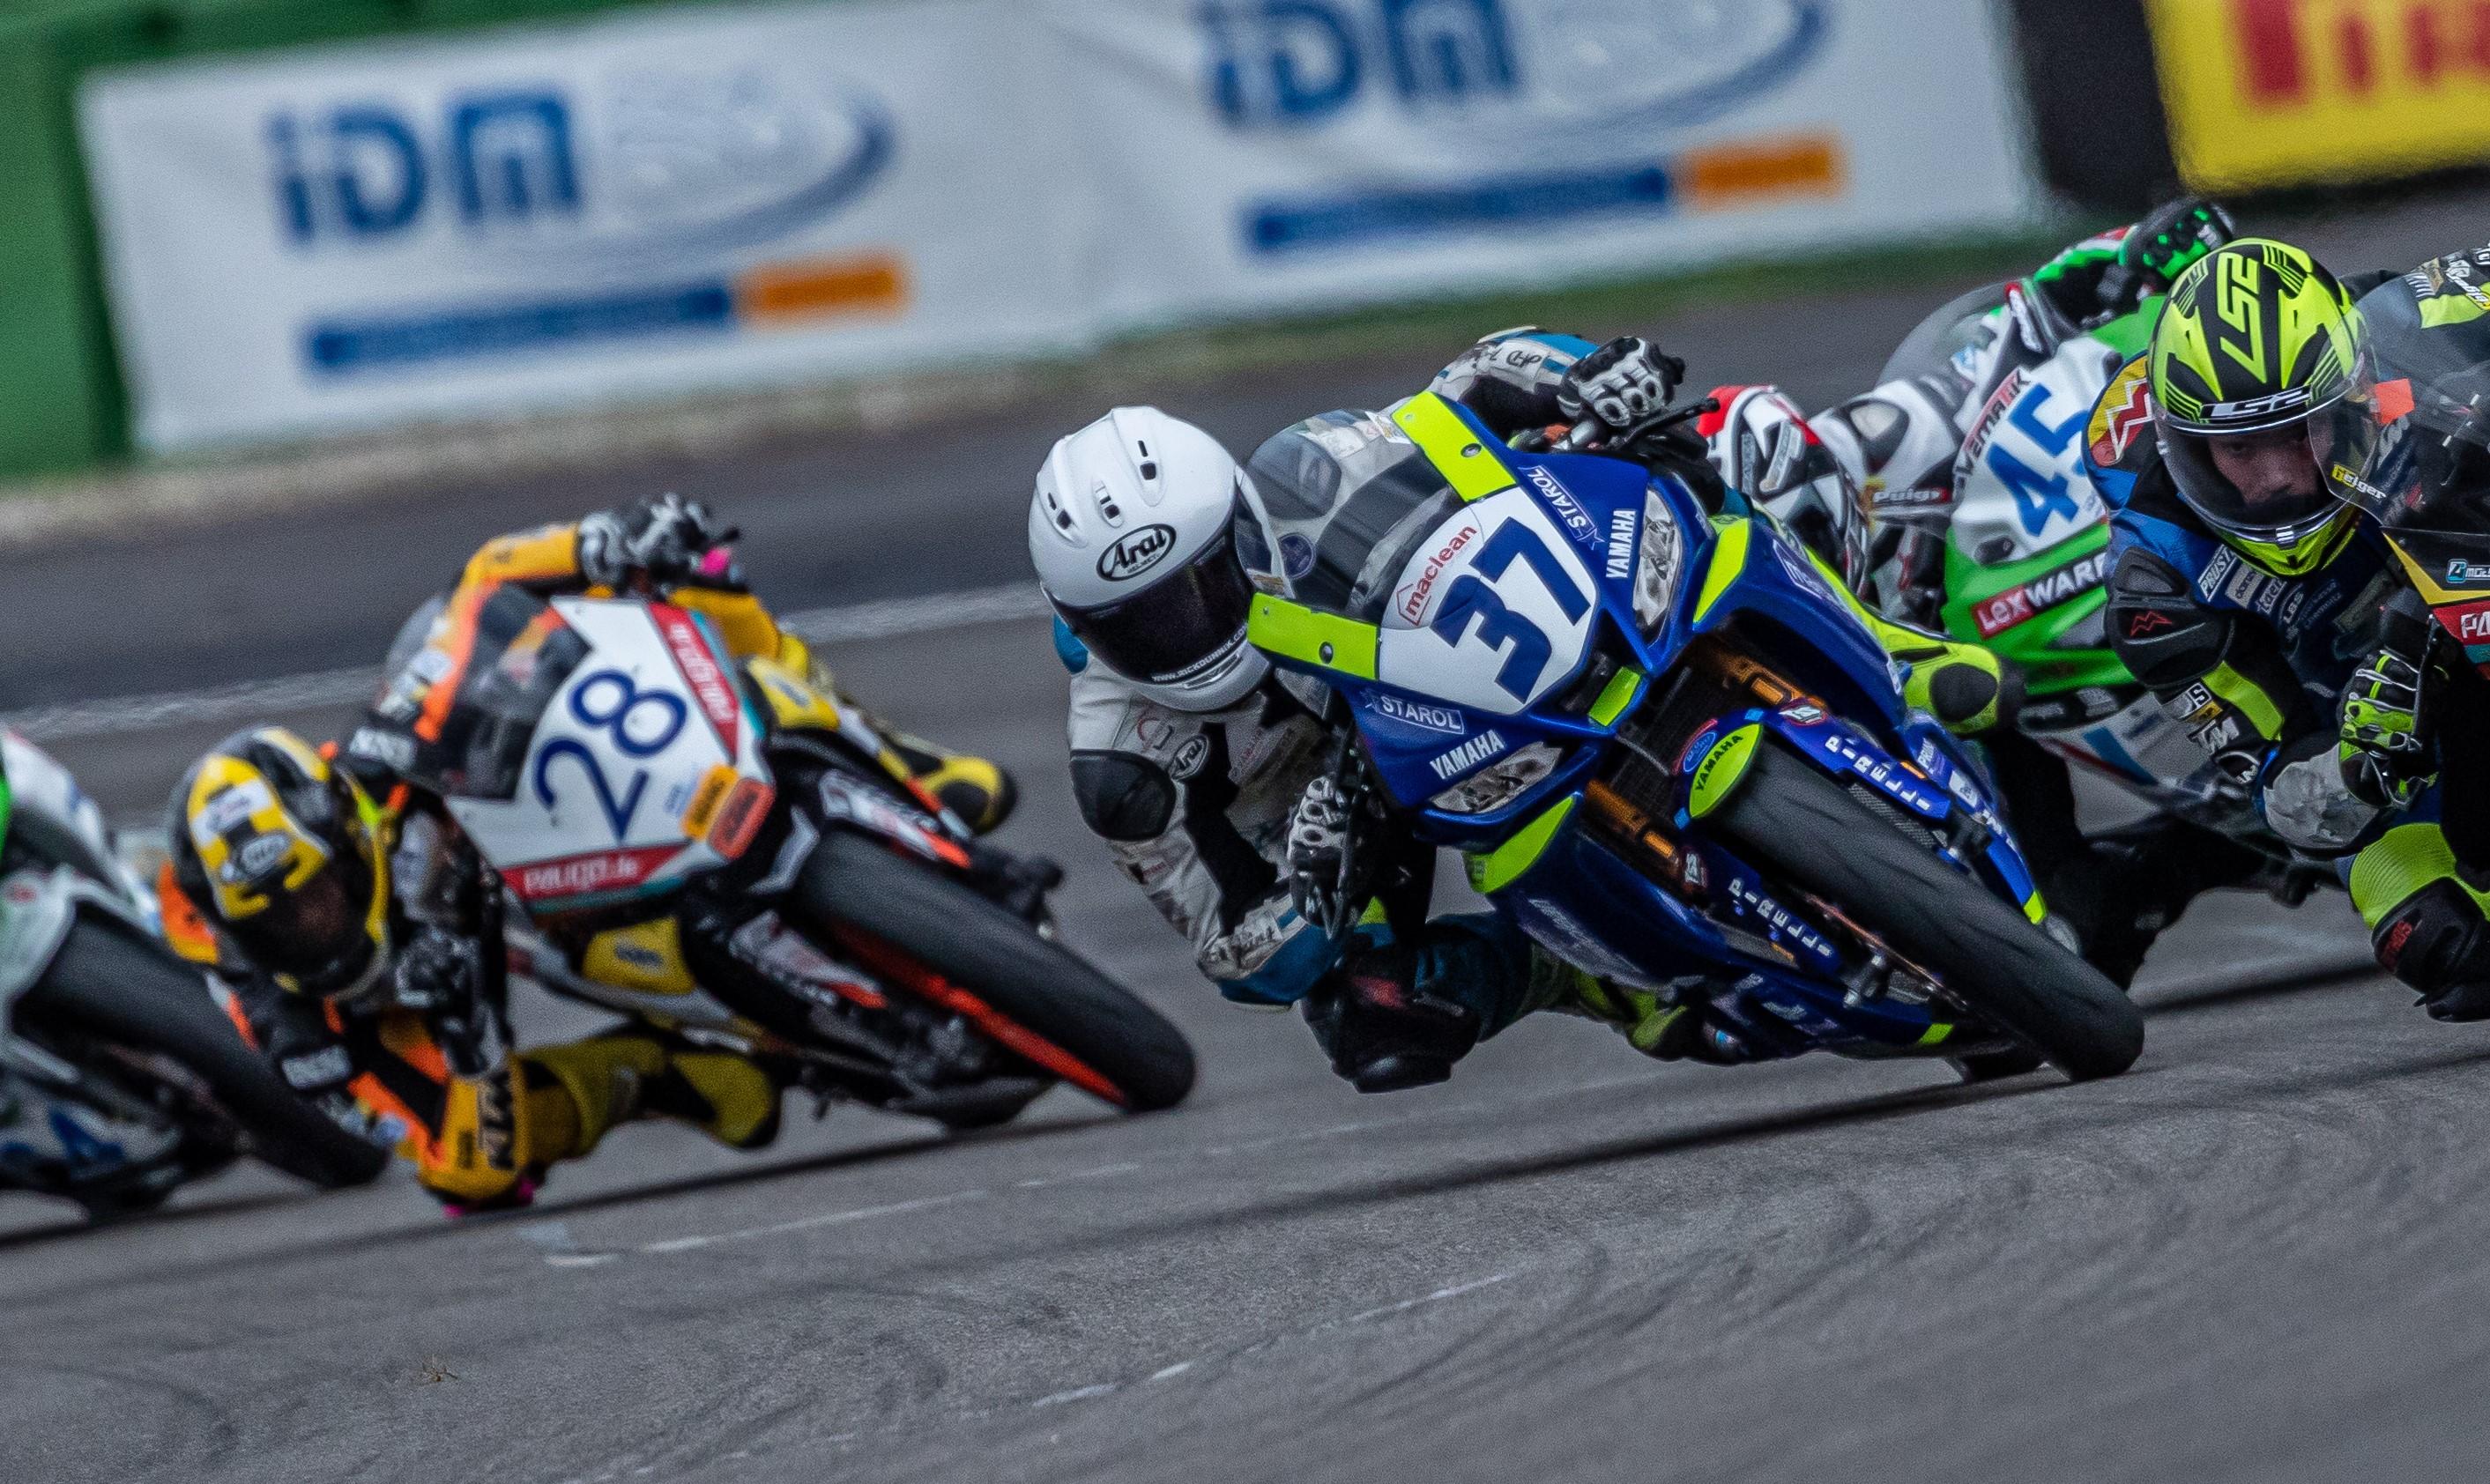 IDM Supersport 300 / Superstock 600: Meisterschaftsentscheidungen weiter offen